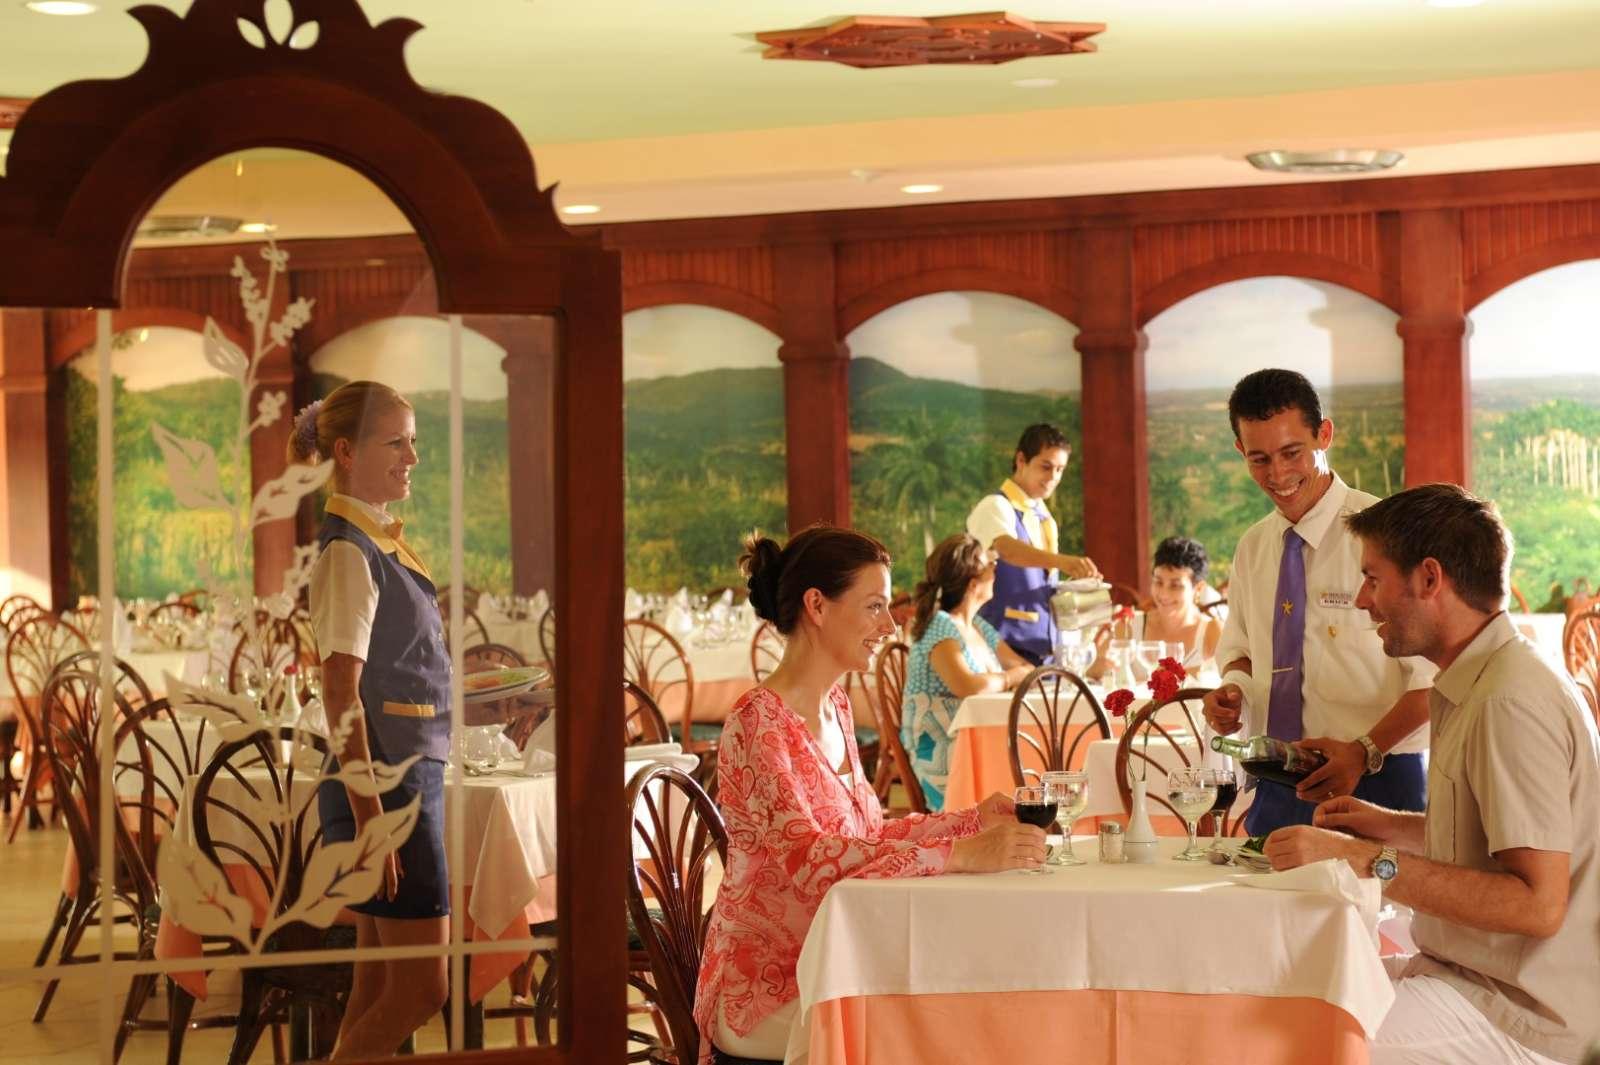 Couple dinining at Iberostar Tainos